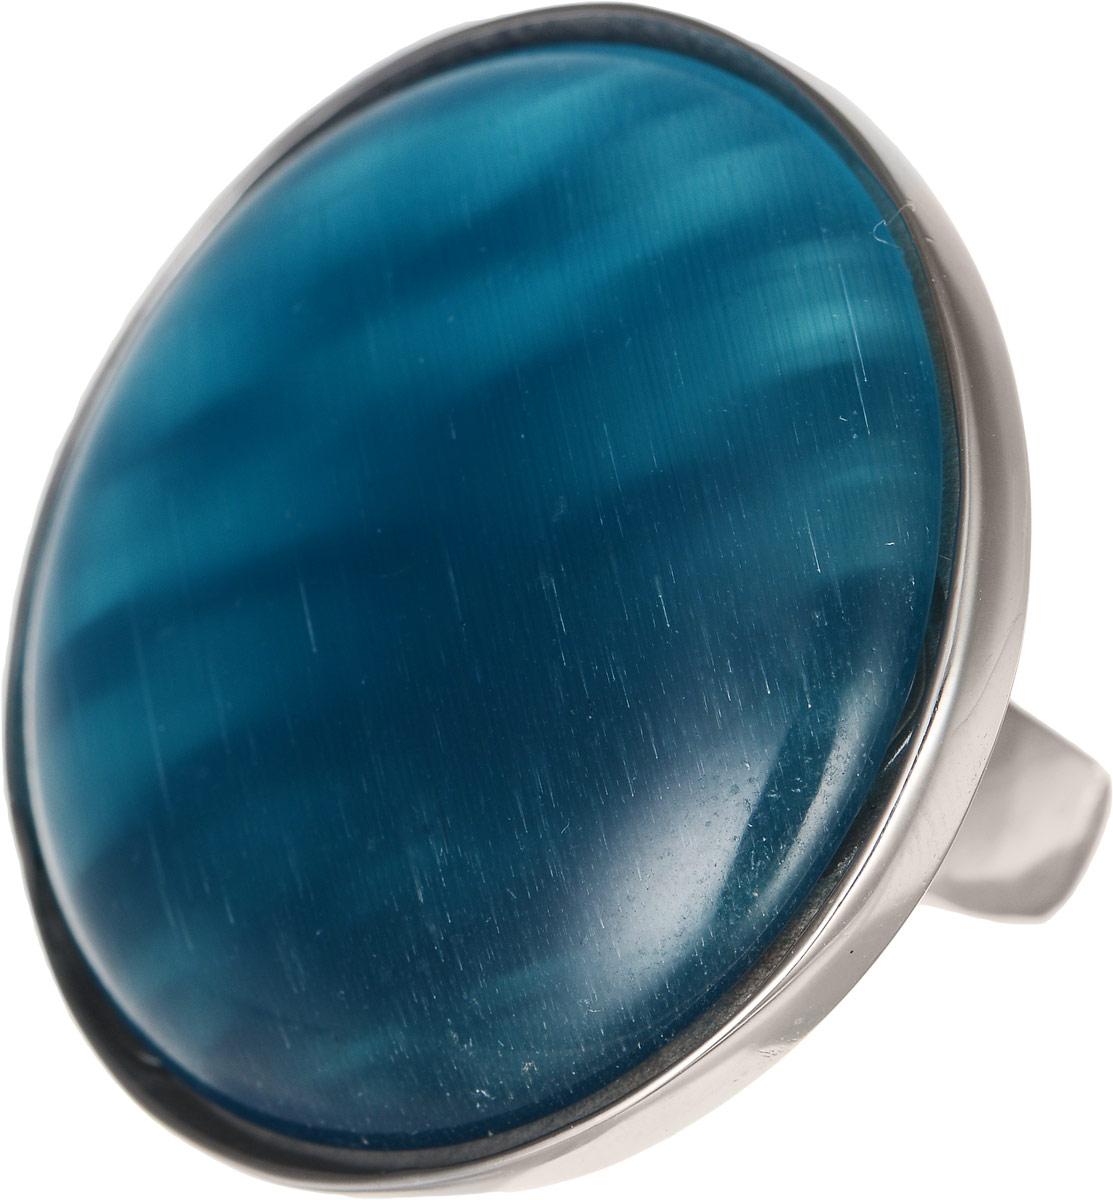 Кольцо Polina Selezneva, цвет: серебристый, синий. DG-0008. Размер 19DG-0008-09Оригинальное кольцо Polina Selezneva выполнено из бижутерийного сплава. Изделие круглой формы, дополнено искусственным камнем. Такое кольцо это блестящее завершение вашего неповторимого, смелого образа и отличный подарок для ценительницы необычных украшений!